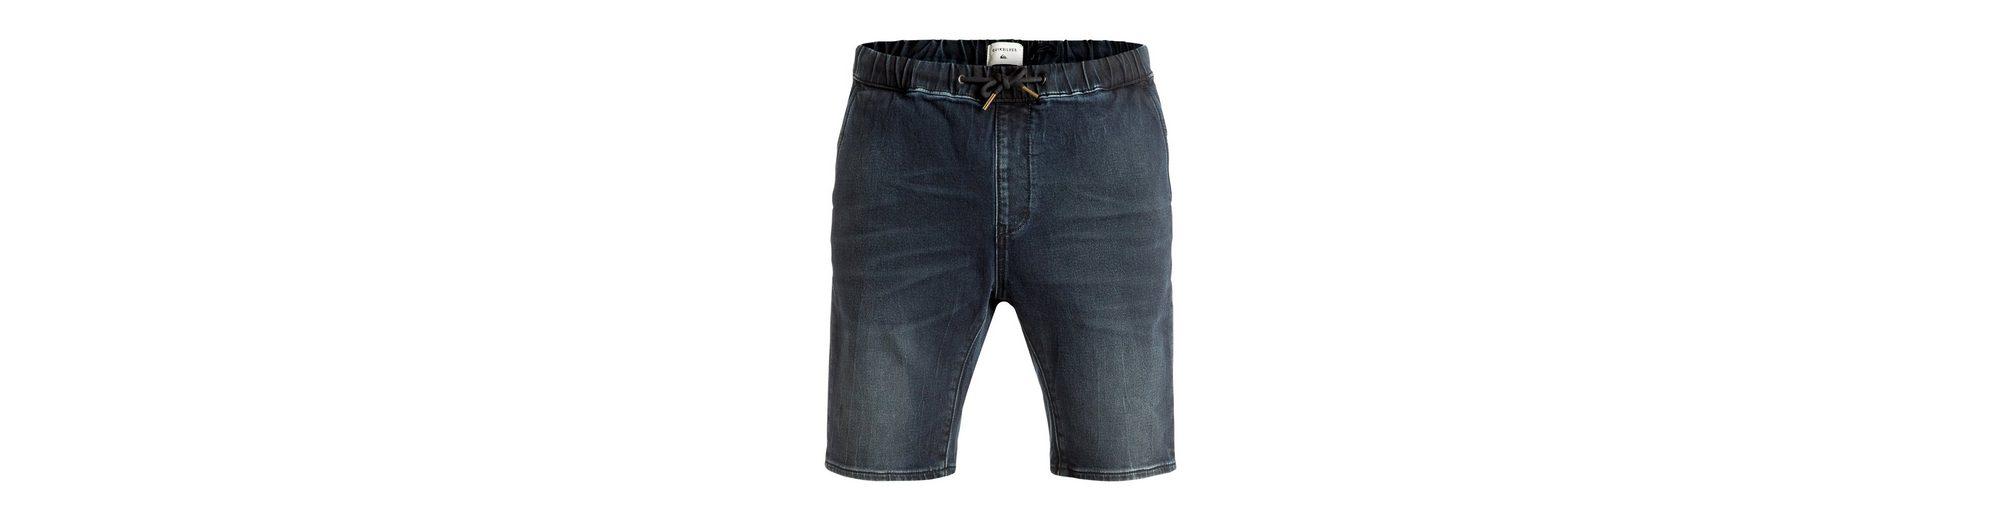 Quiksilver Denim-Shorts Fonic Blue Black - Denim-Shorts Ausgang Wählen Eine Beste Rabatt Genießen Durchsuche Outlet Rabatt Authentisch P7f5VK